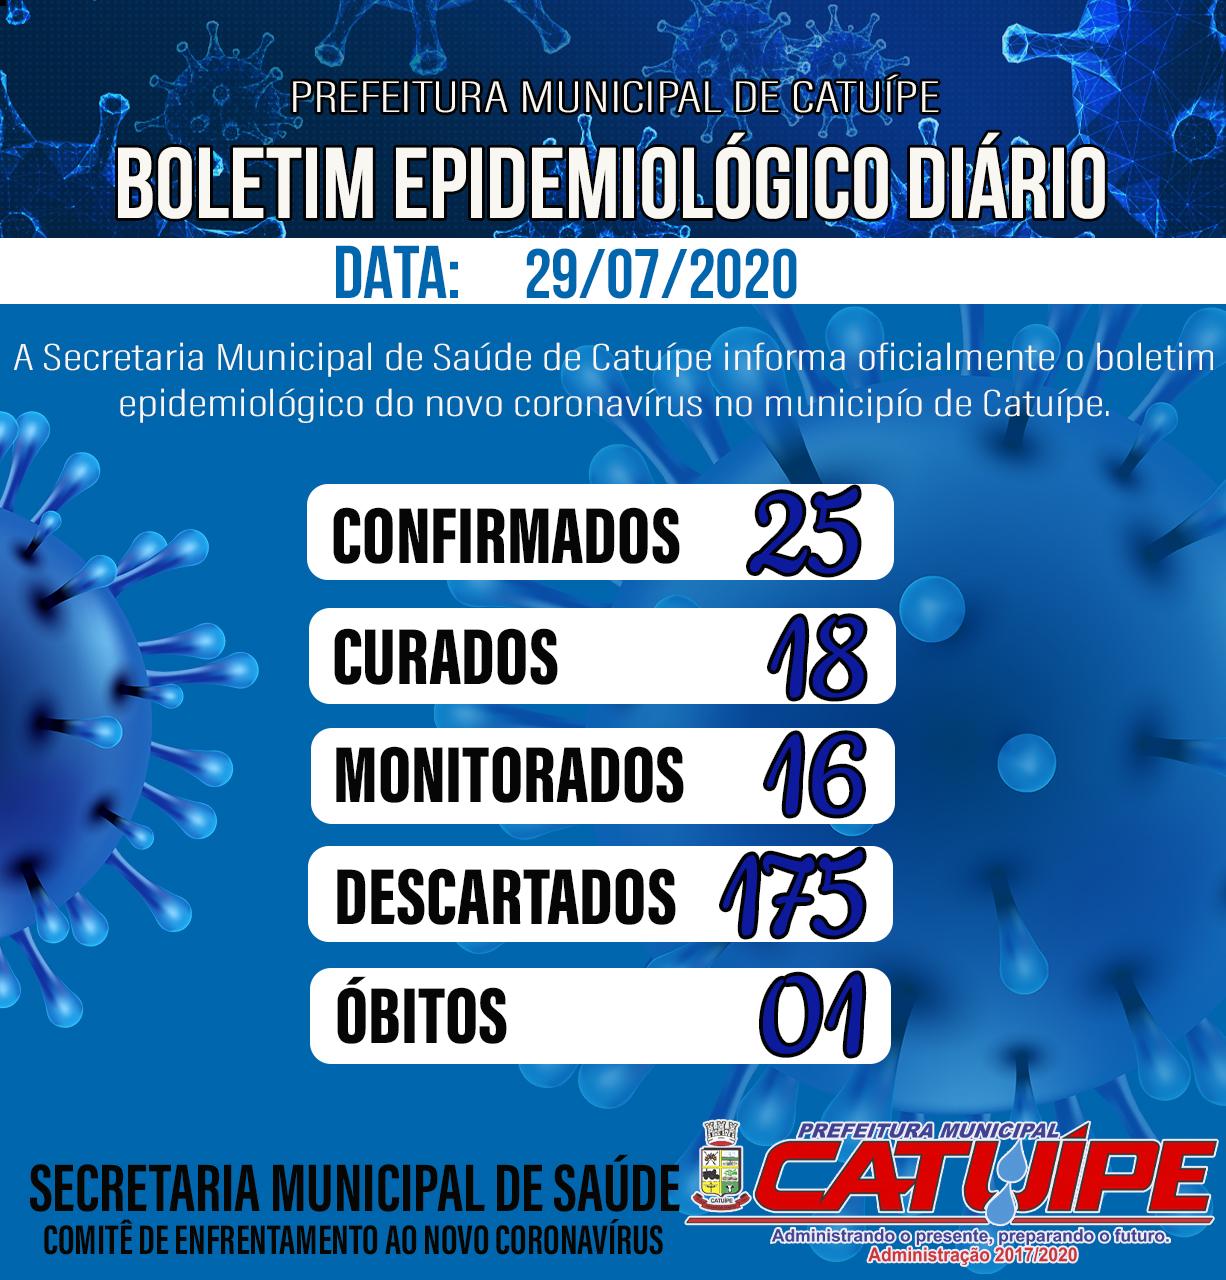 Boletim Epidemiológico dia 29 de julho de 2020